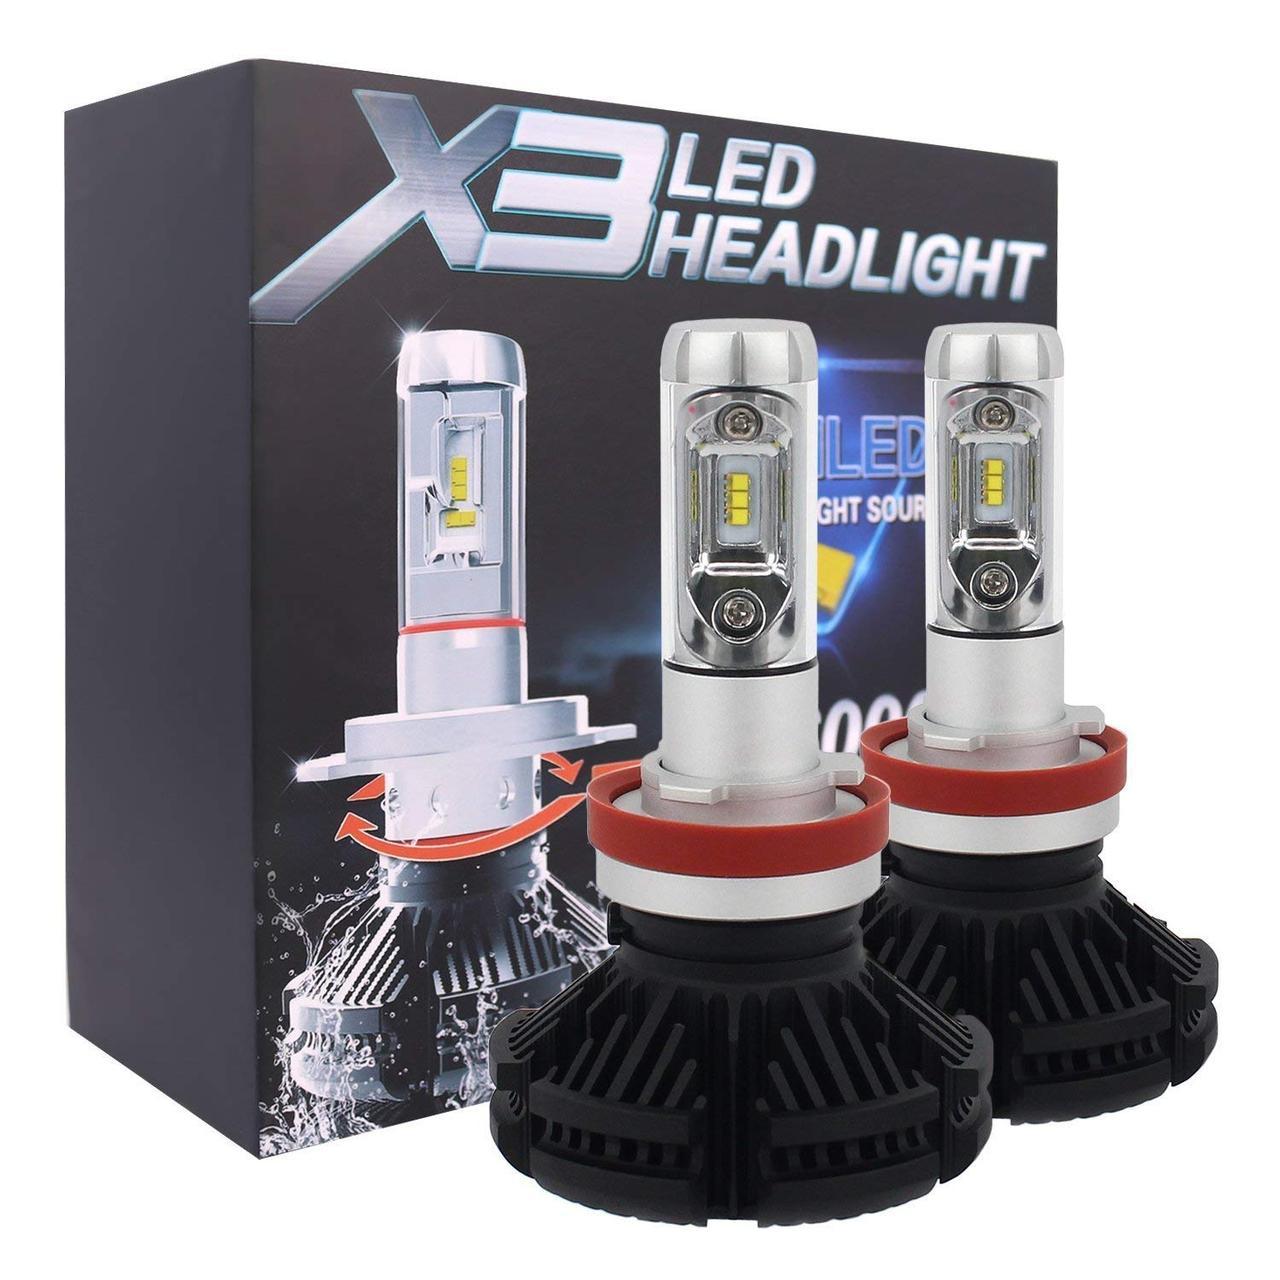 Лампа светодиодная X3  H11 6000 Lum, цвет свечения 3000/6500/8000К, 2 шт/компл.